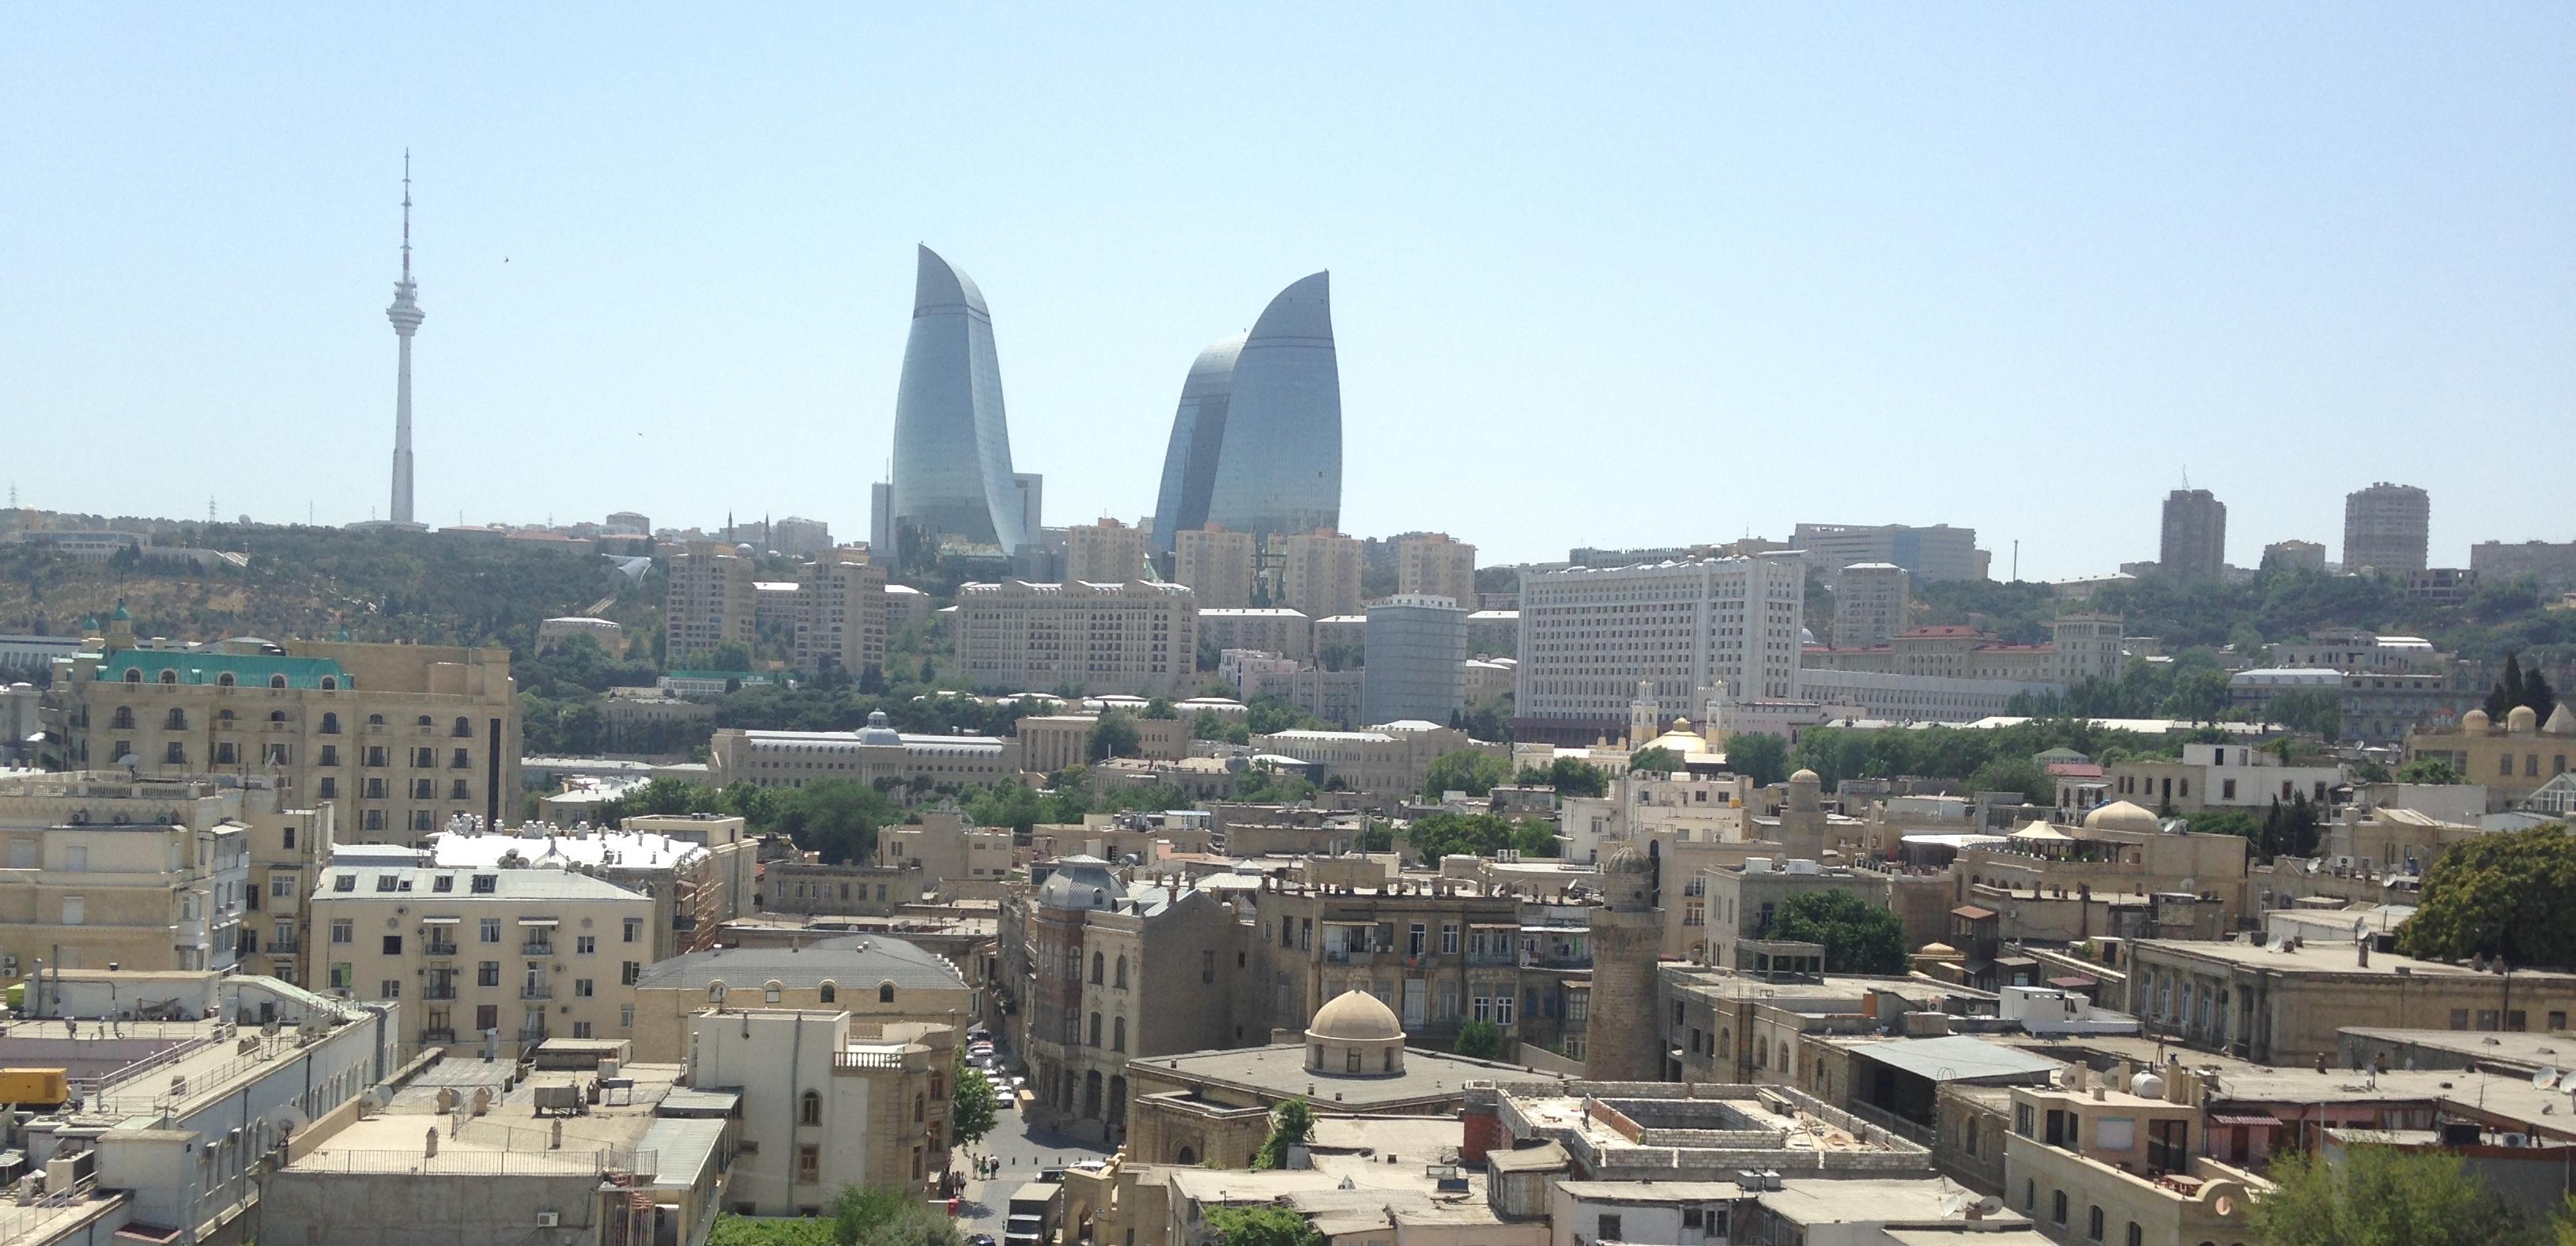 Welcome to Baku, Azerbaijan - eyofbaku2019.com